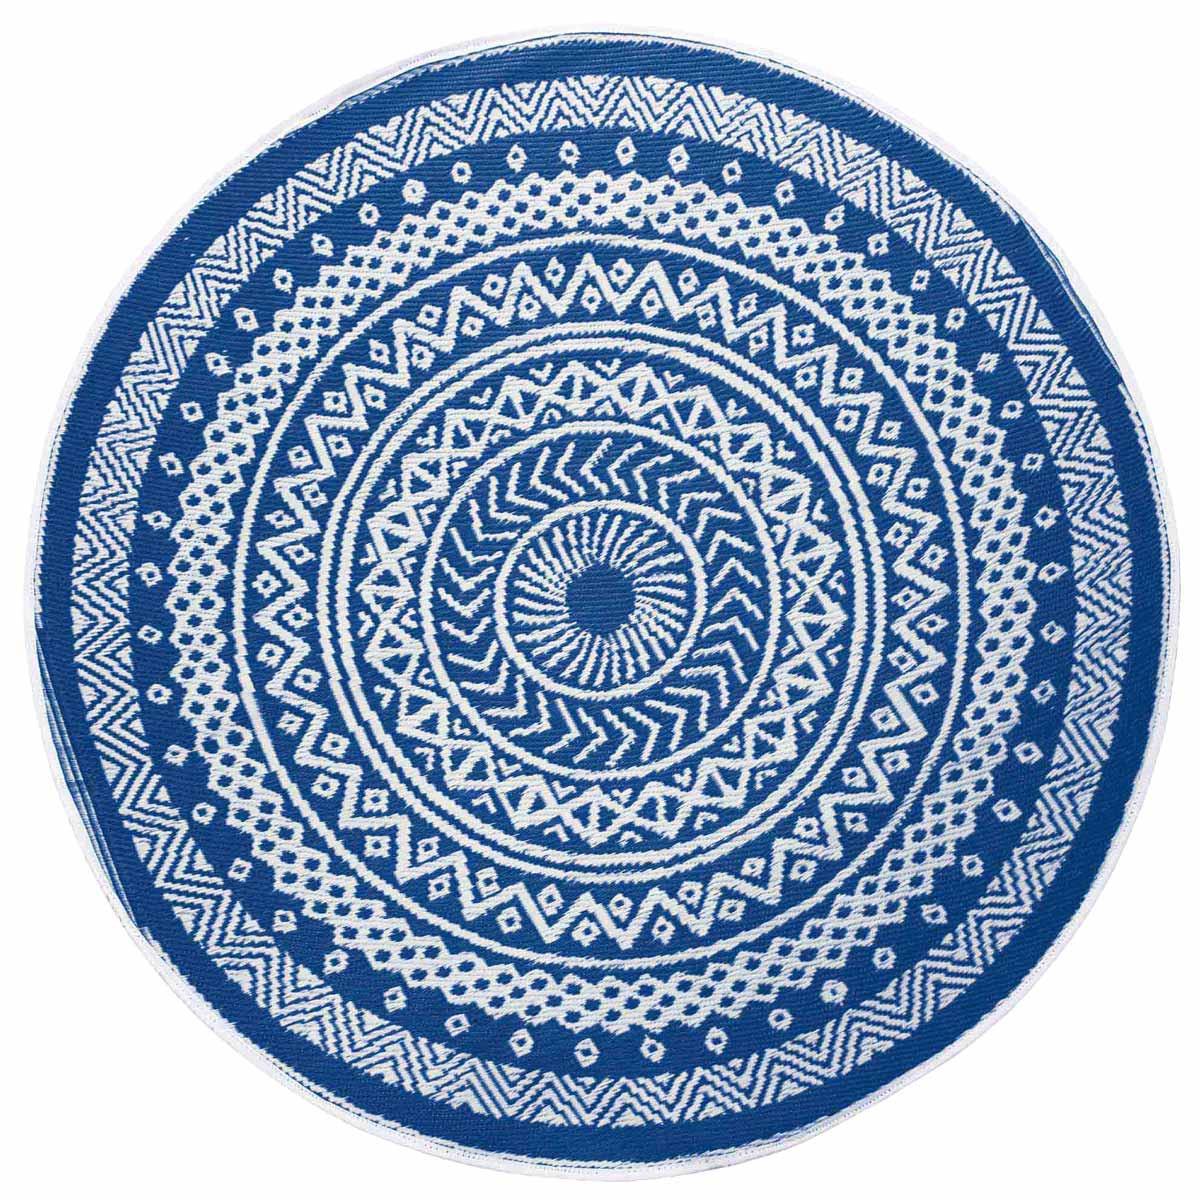 Στρογγυλό Χαλί Καλοκαιρινό (Φ150) Mandaly Bleu 1740797